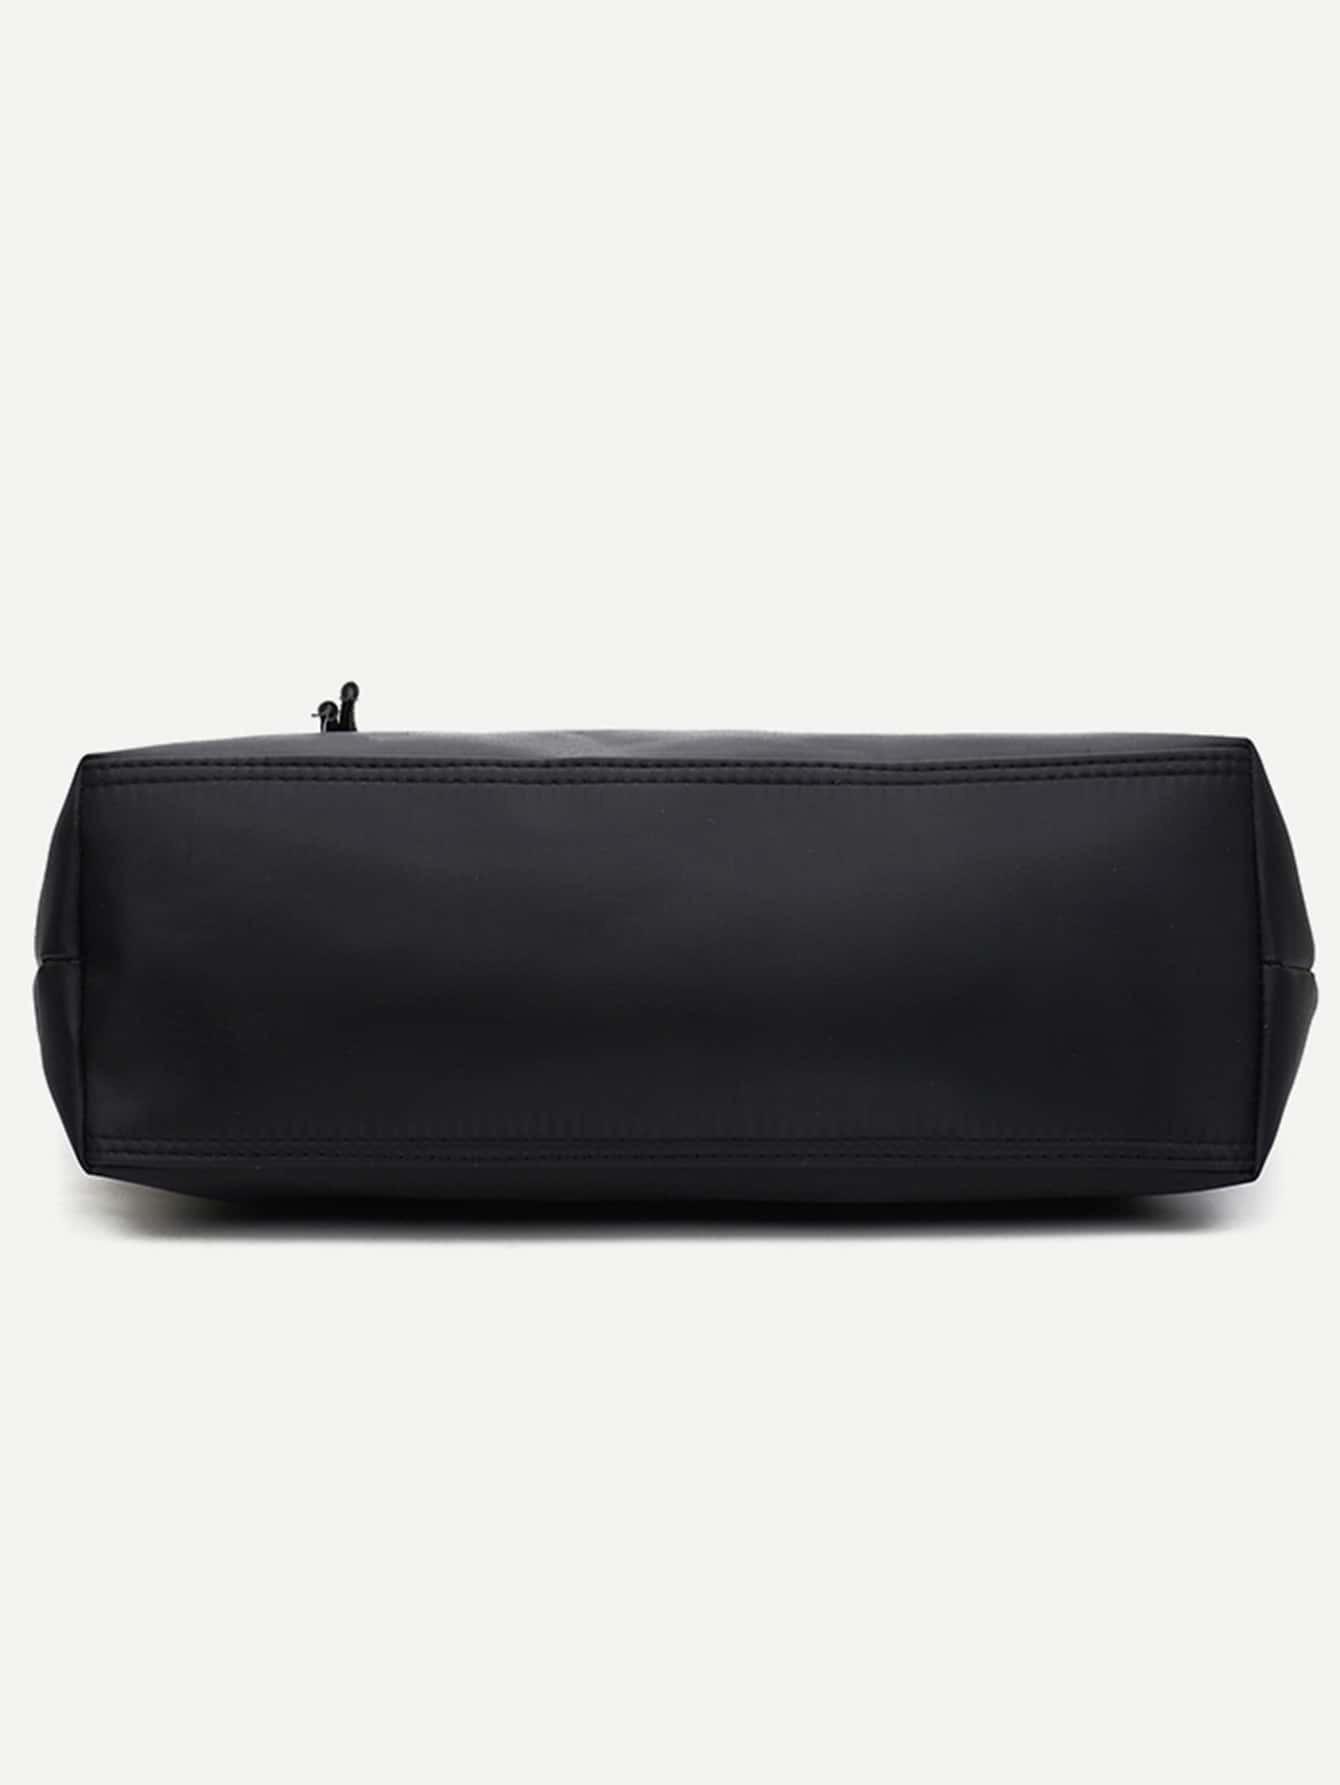 nylon einkaufstasche mit rei verschluss schwarz german romwe. Black Bedroom Furniture Sets. Home Design Ideas